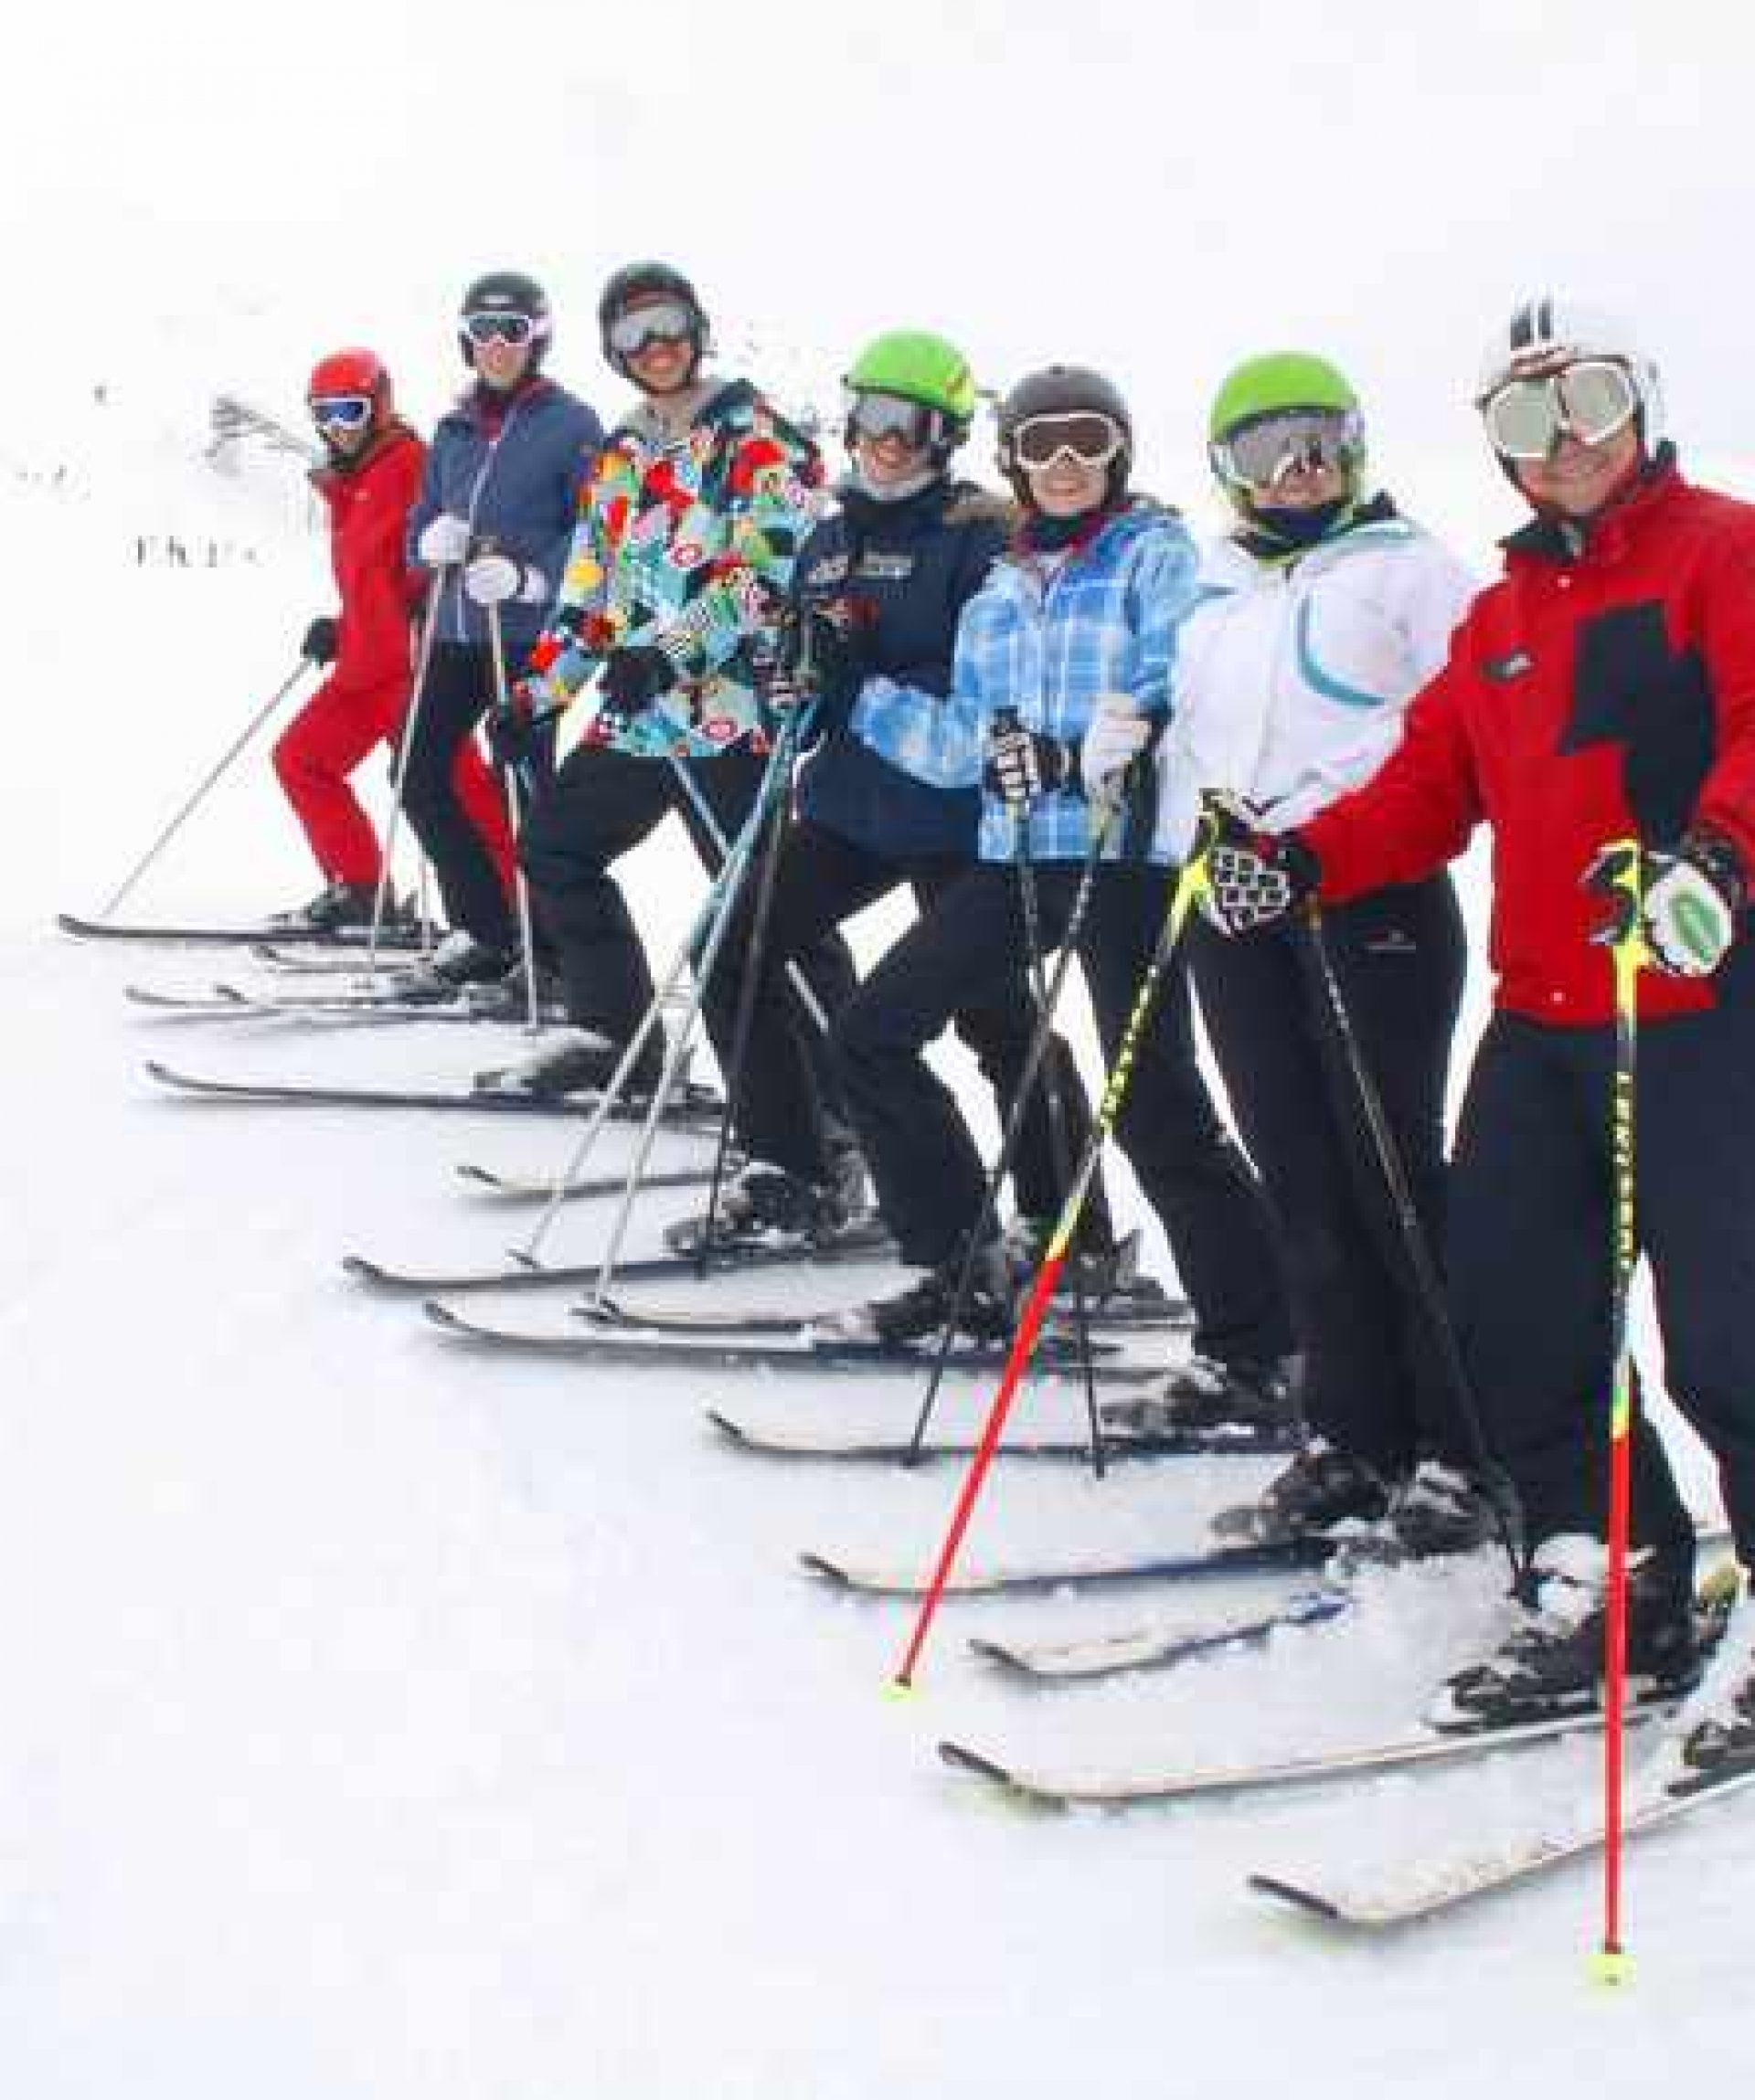 viaje de esqui y curso